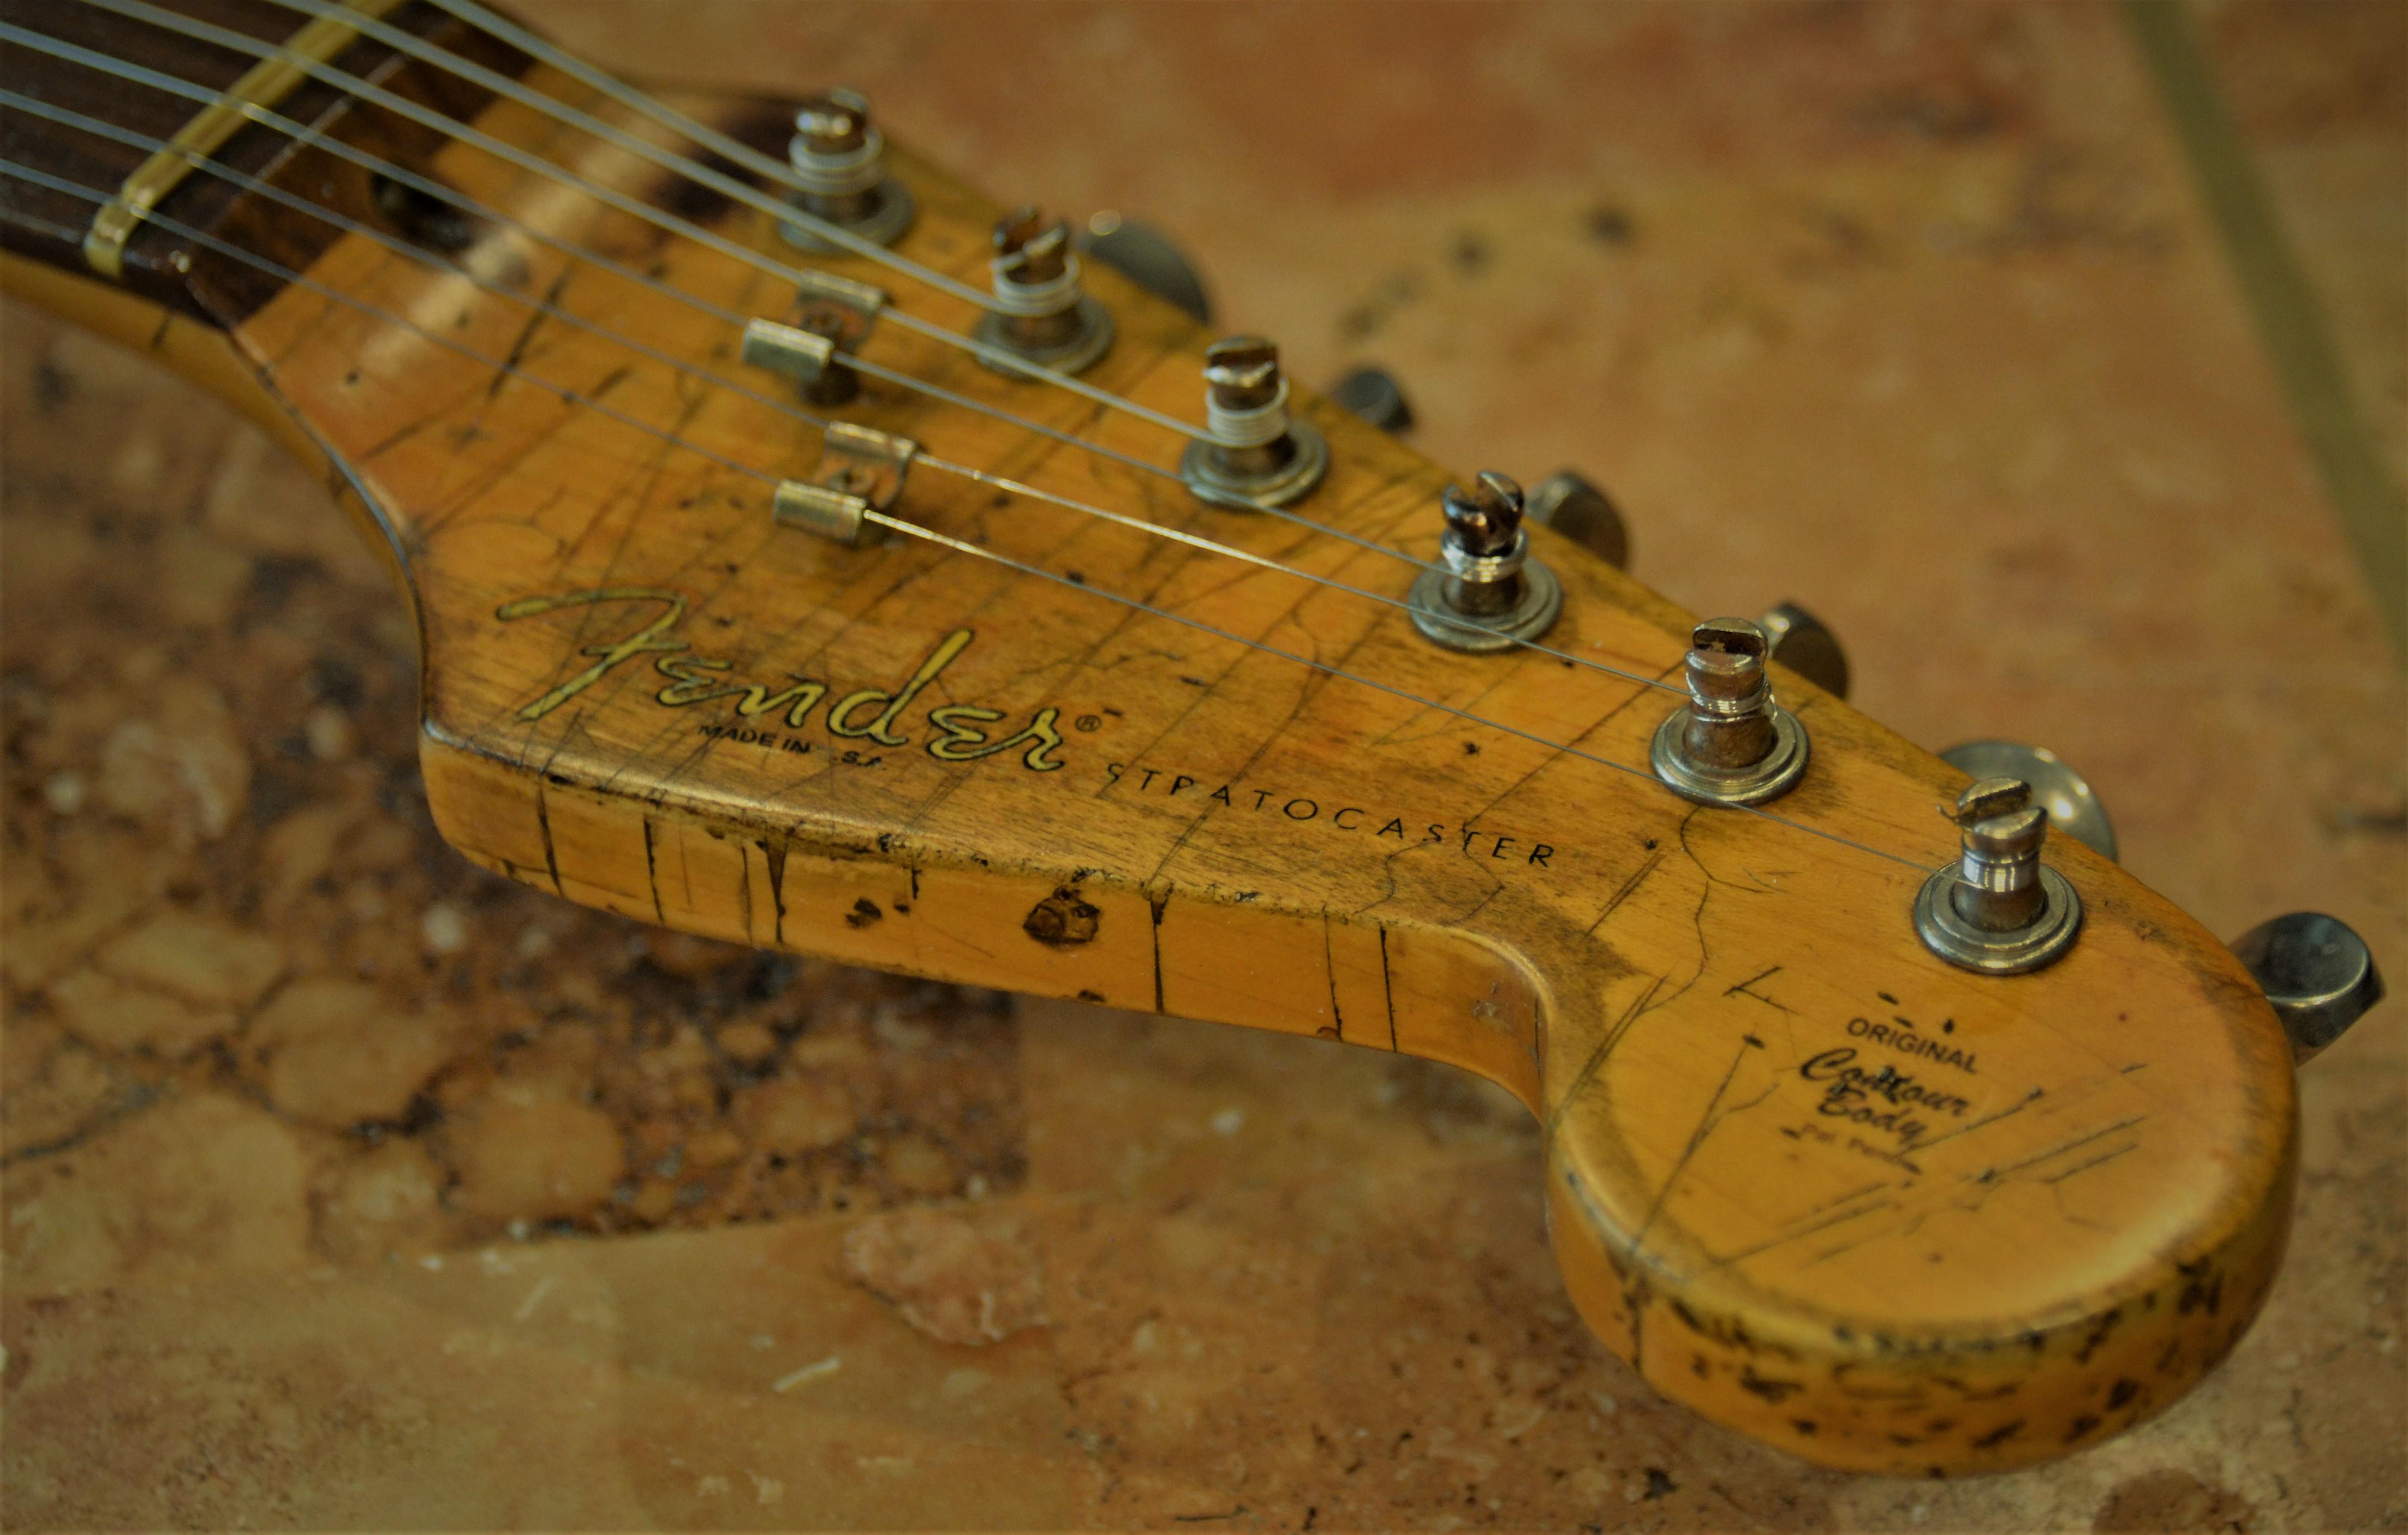 Fender Strat Relic Headstock Vintage Tuners Guitarwacky.com